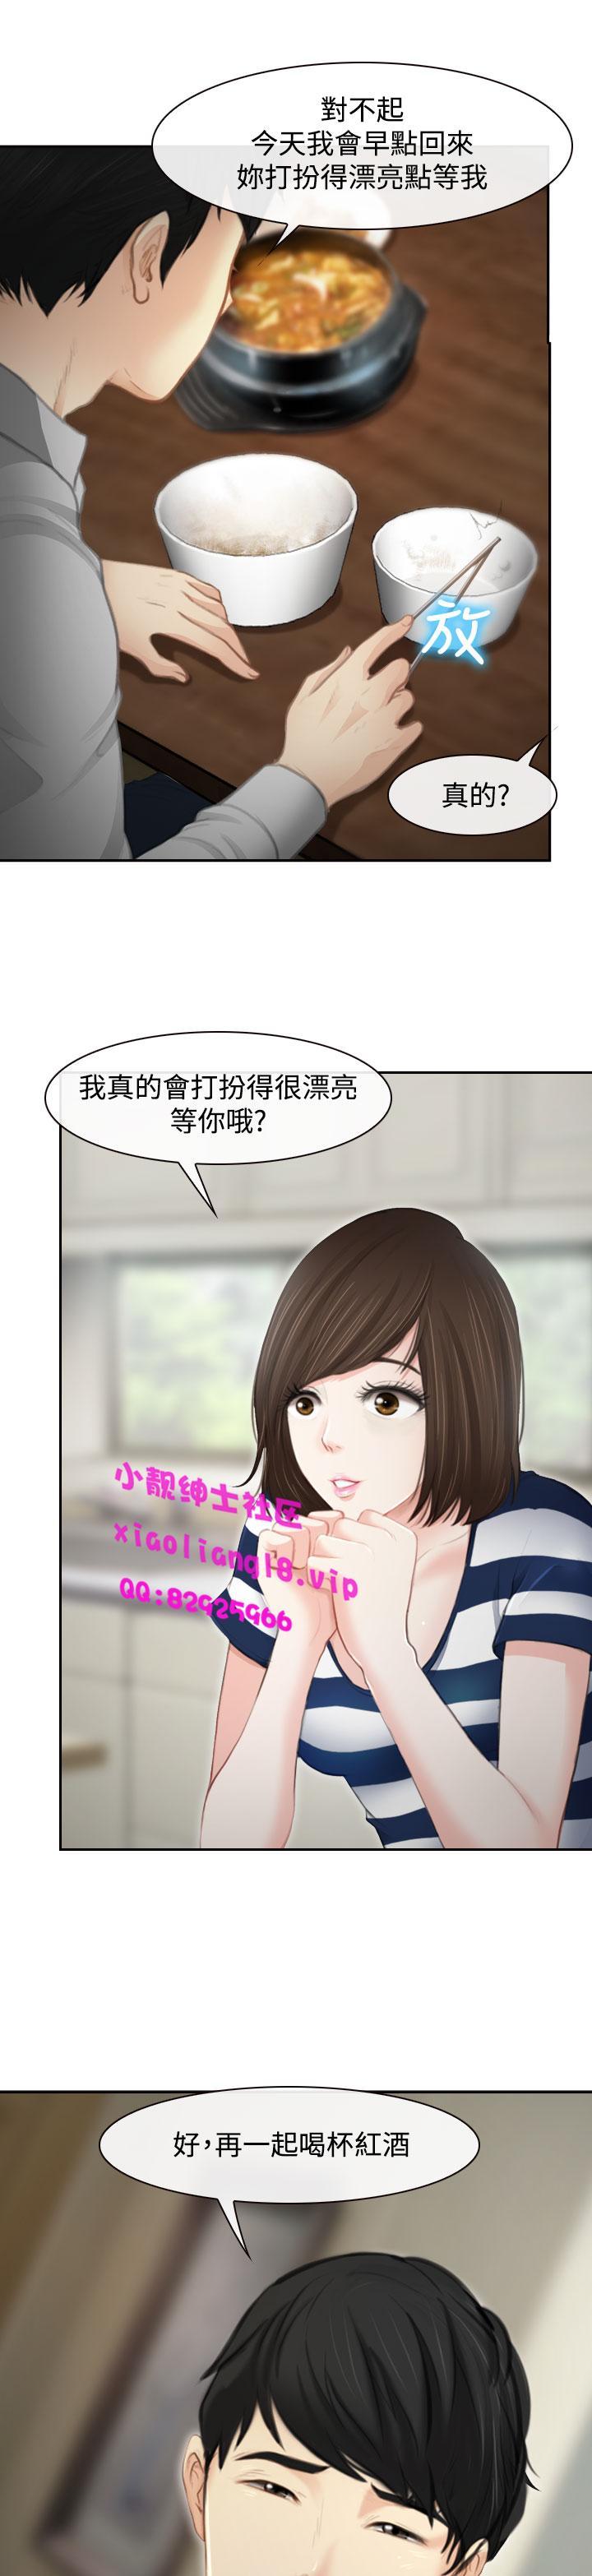 中文韩漫 他與她 Ch.0-5 4